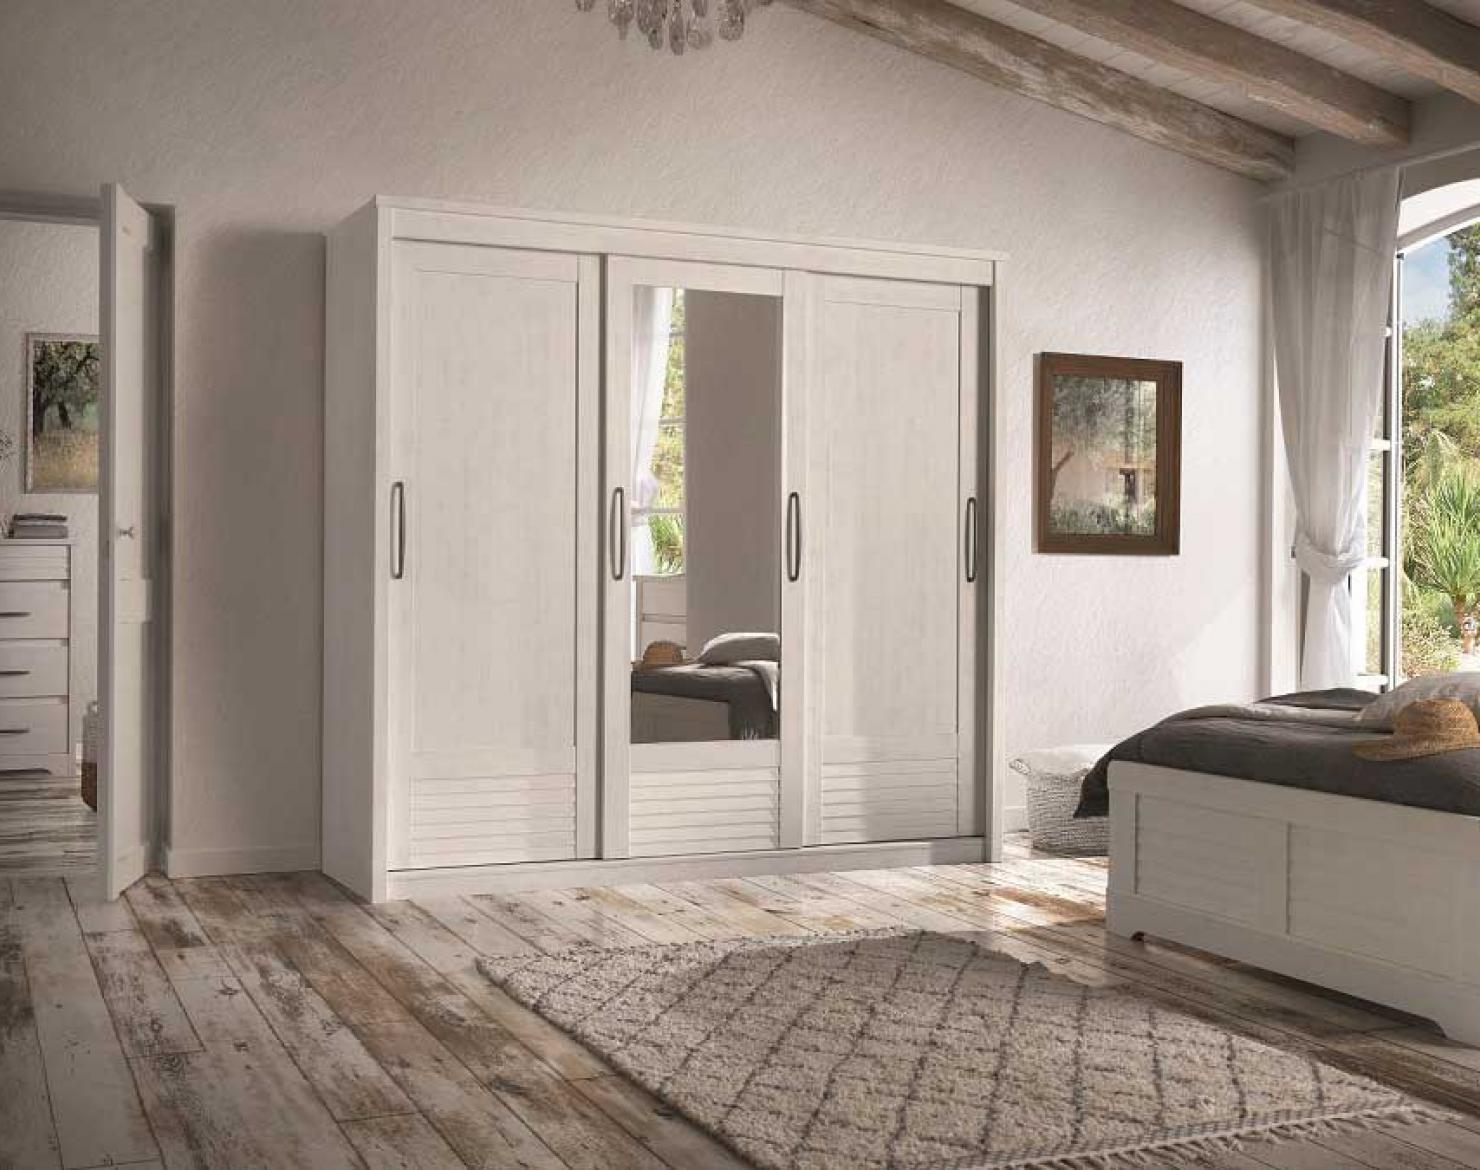 armoire 2 portes bois 1 porte miroir biseaut coulissantes. Black Bedroom Furniture Sets. Home Design Ideas